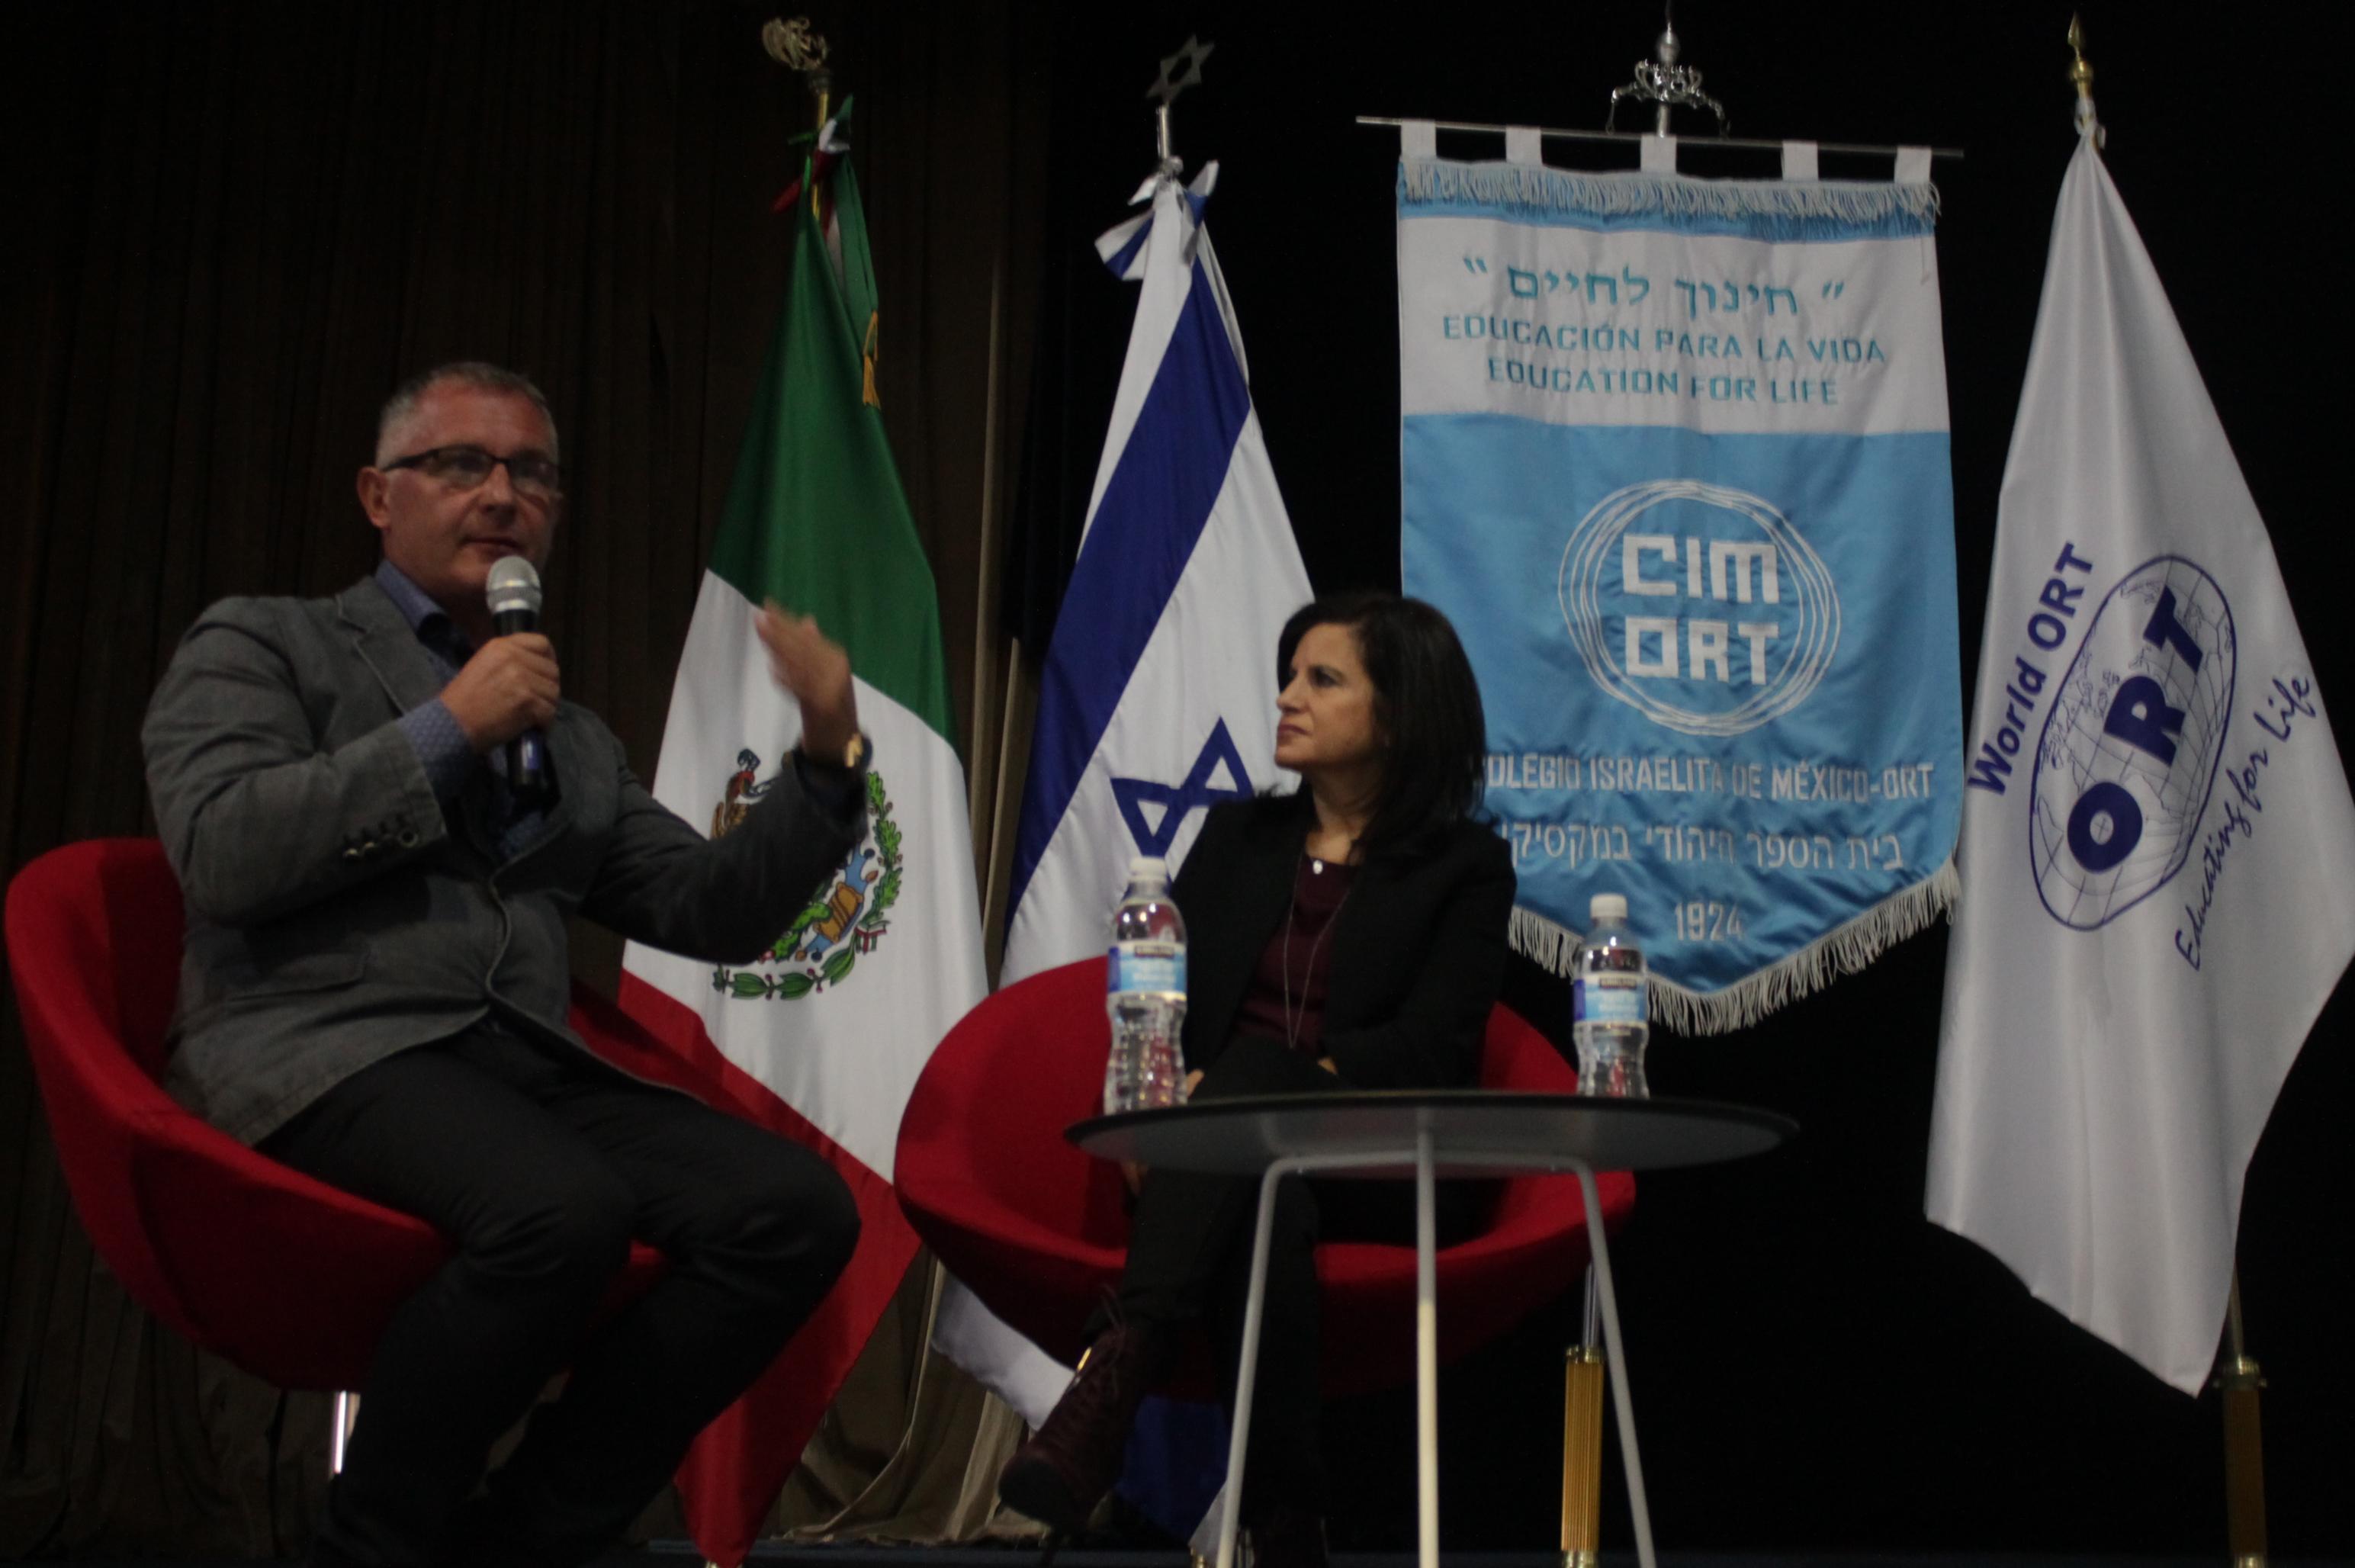 """""""Amnesia"""" del asesinato de judíos en Kielce presentada en CIM ORT"""